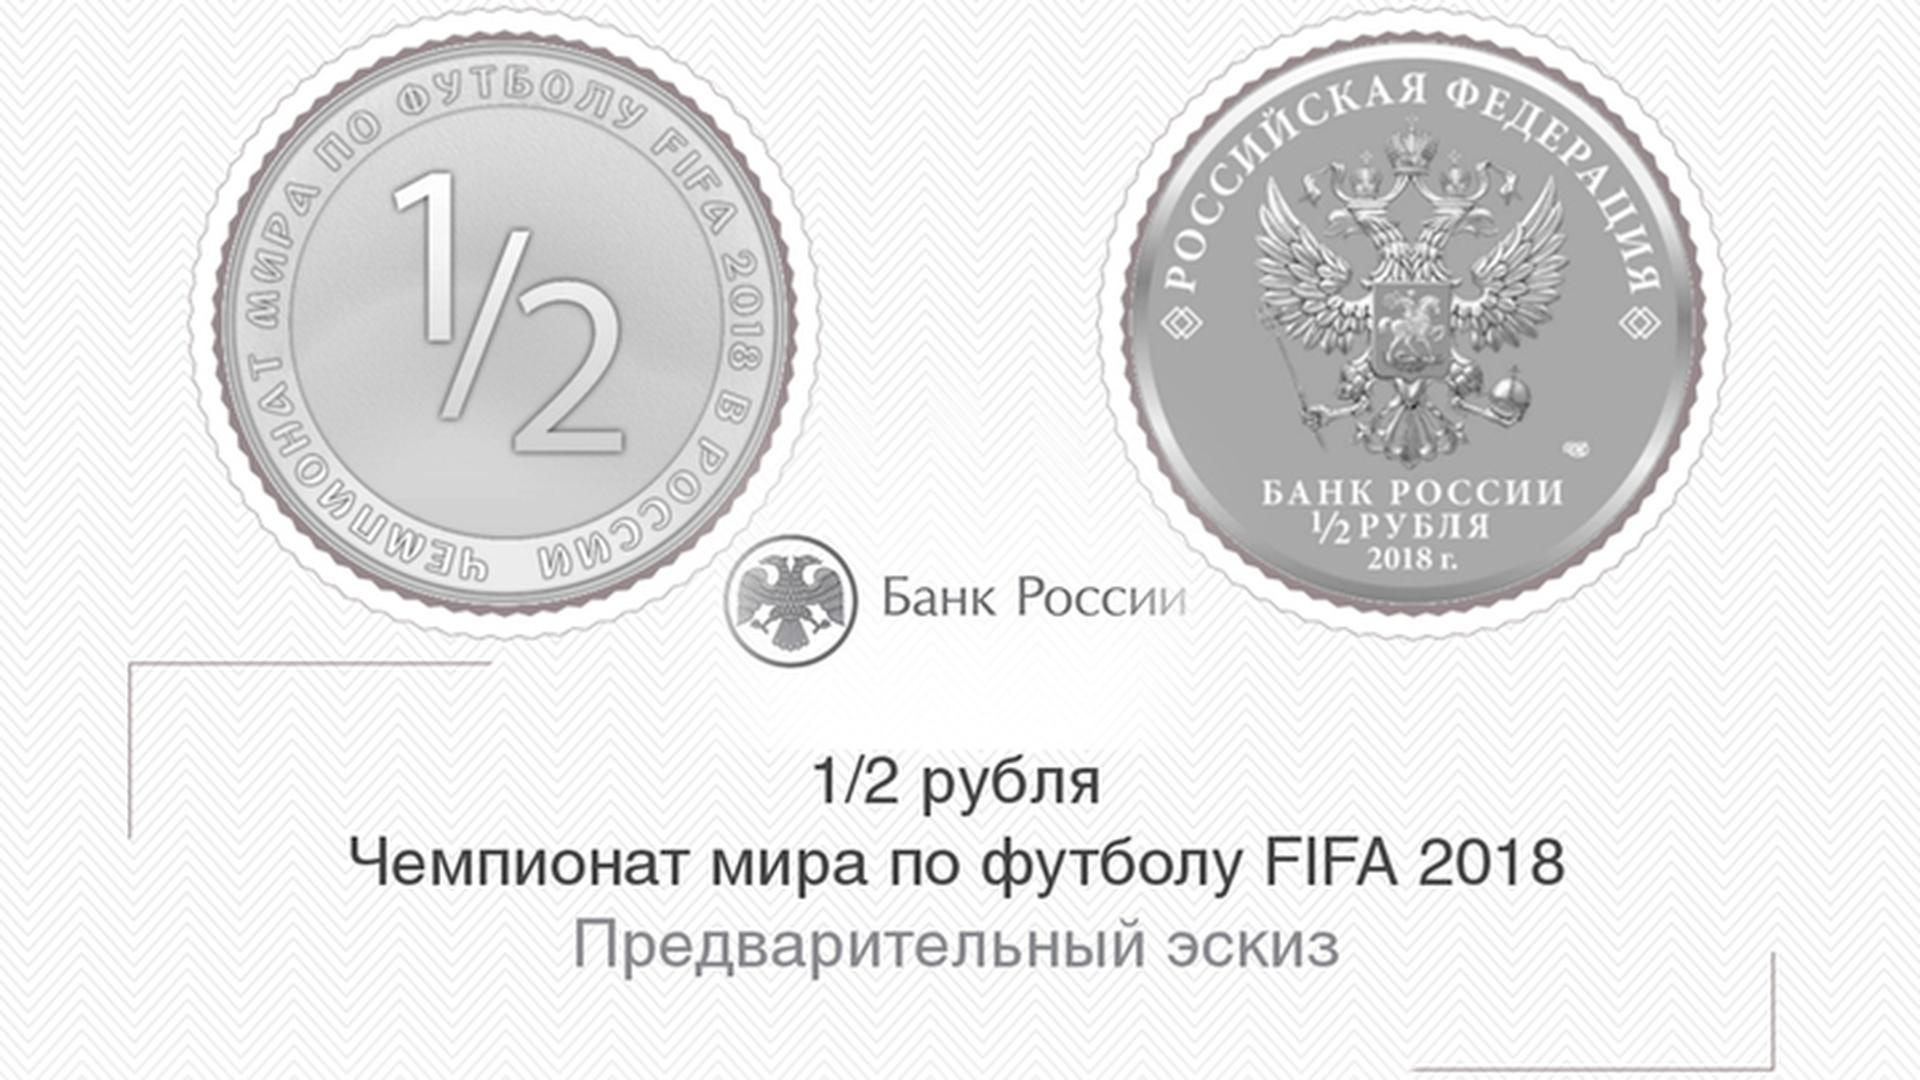 Банк России может выпустить монету номиналом 1/2 рубля